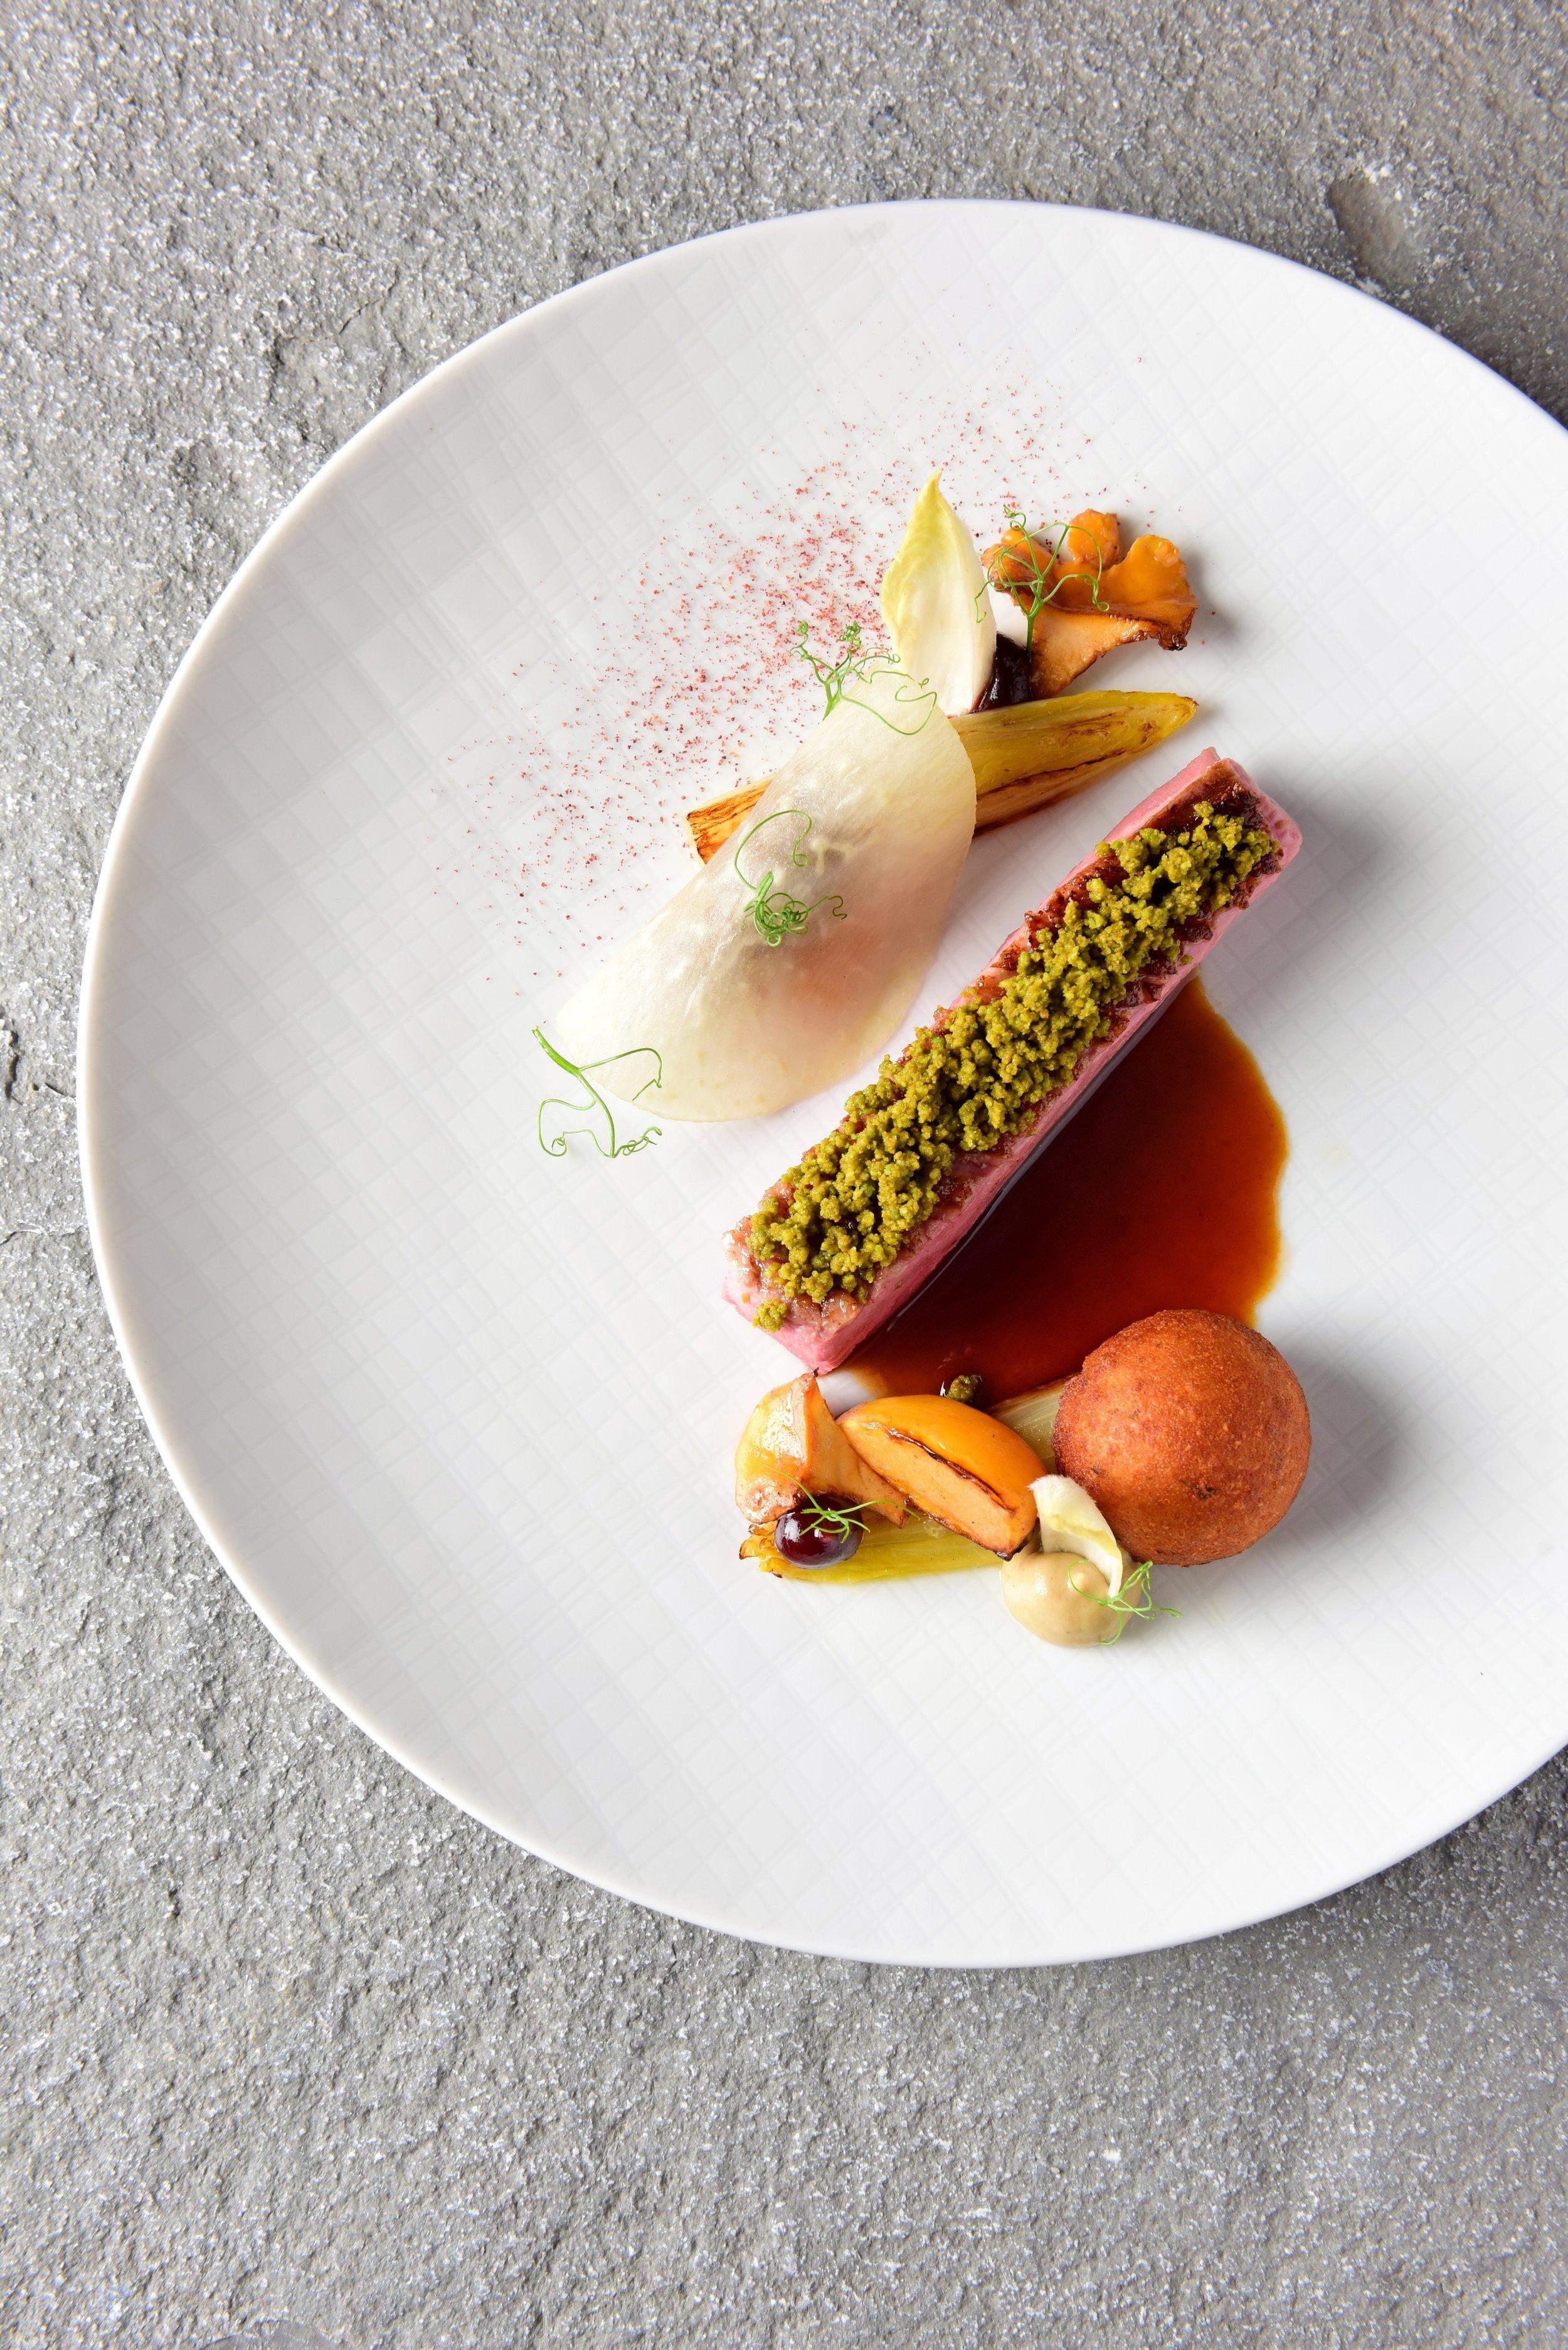 16 restaurant de mijlpaal tongeren bart albrecht culinair food fotograaf tablefever.jpg